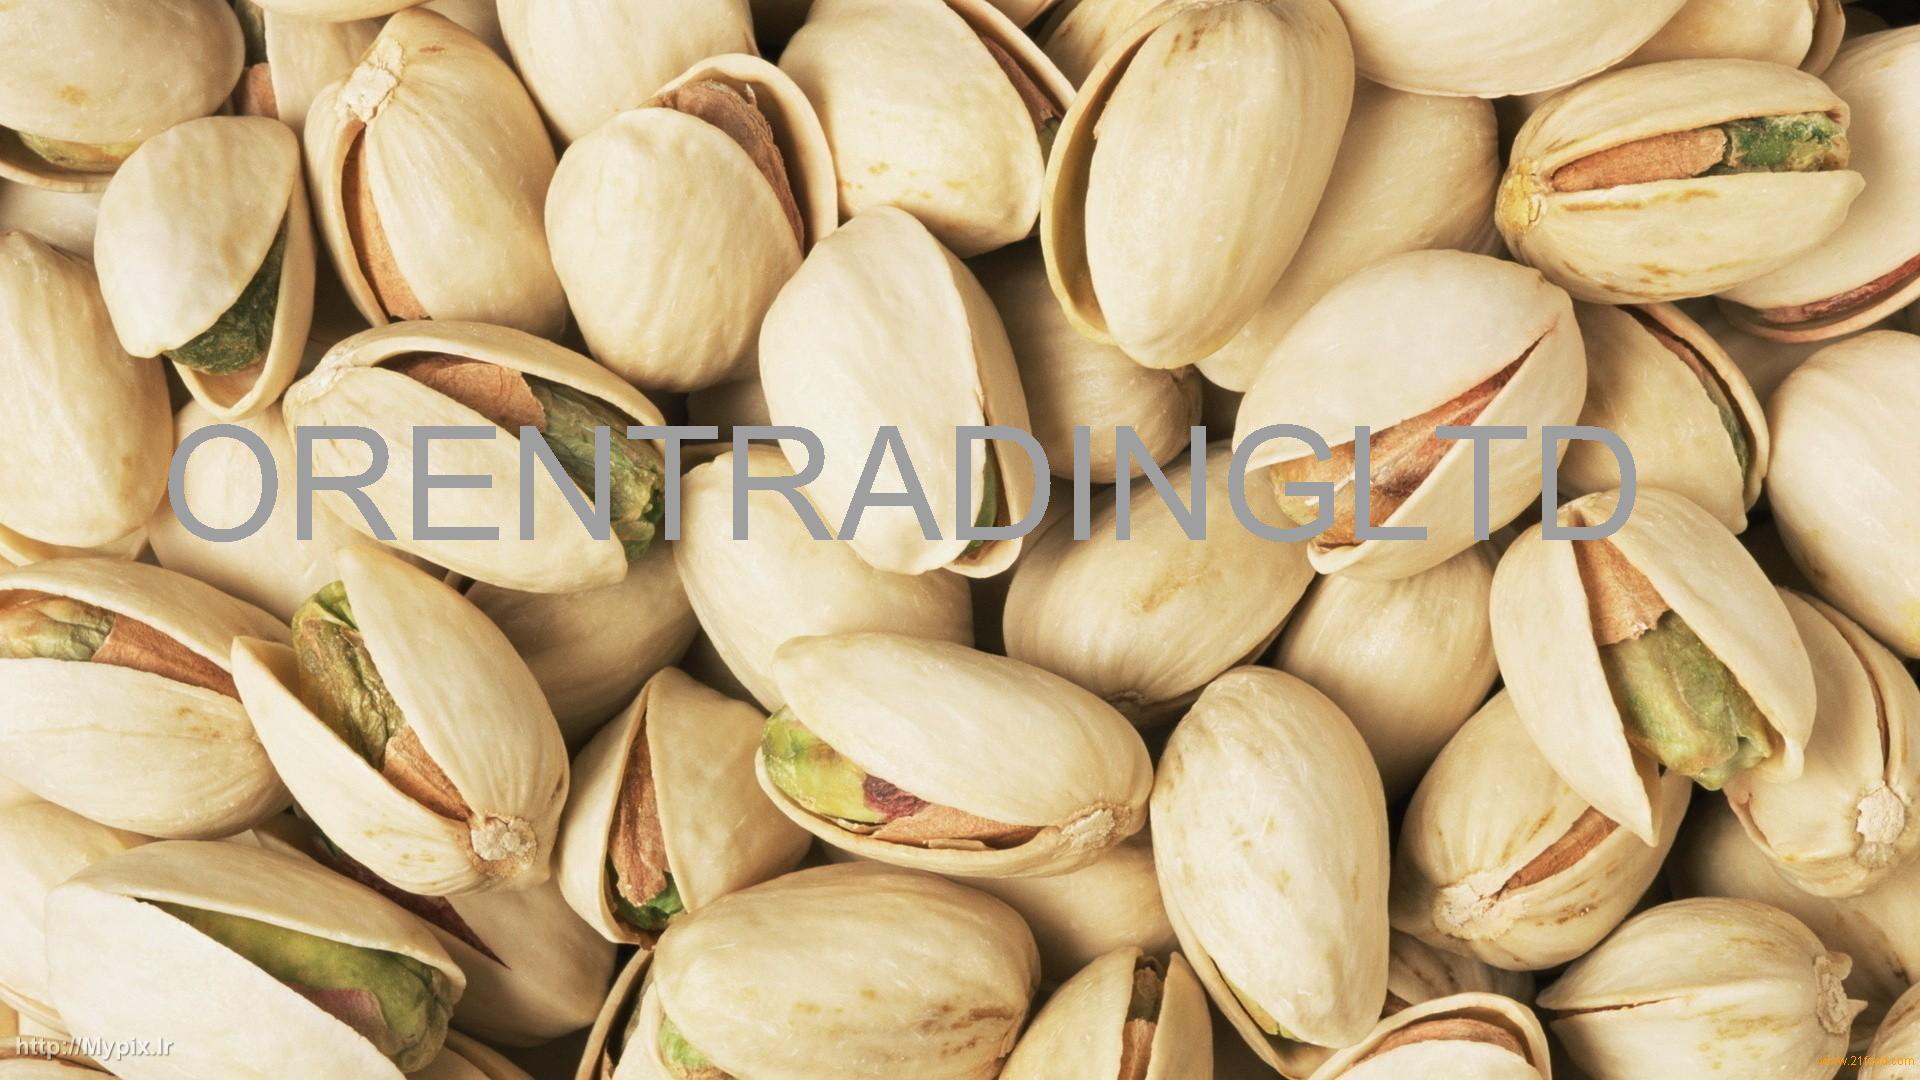 Premium Quality Pistachio Nuts